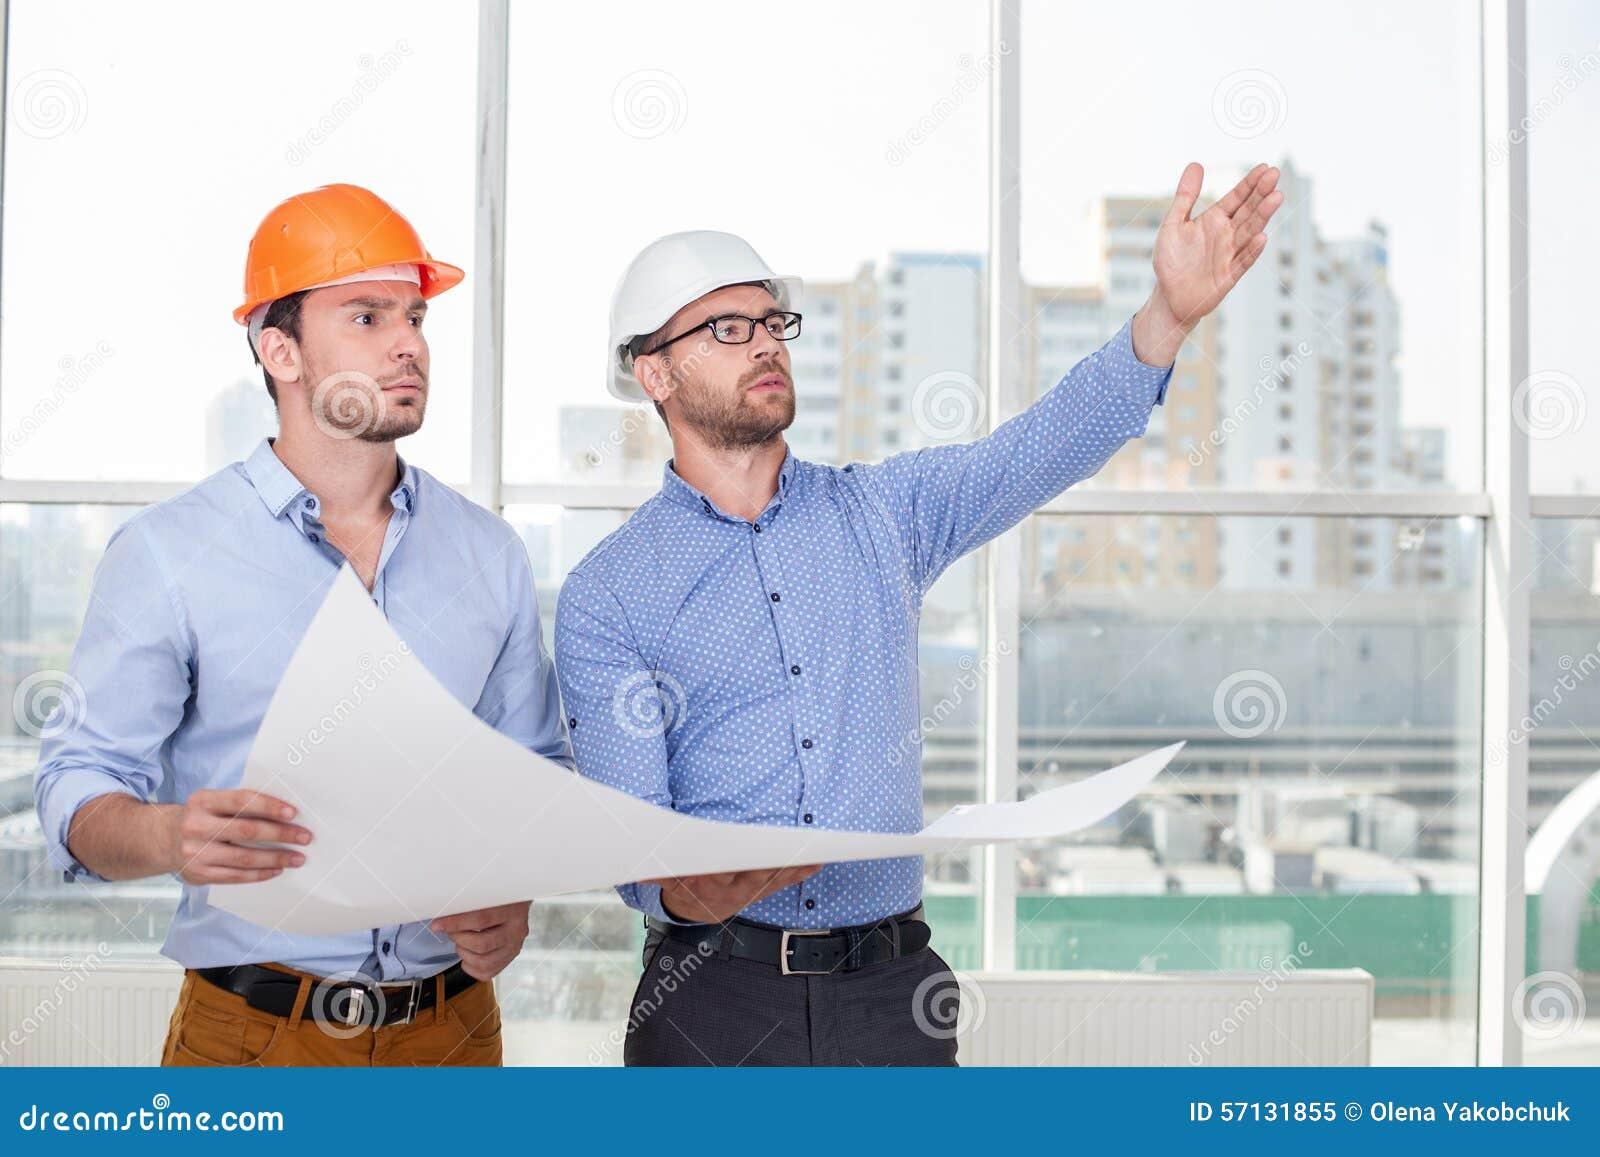 El arquitecto joven atractivo est explicando a imagen de for Todo para el arquitecto